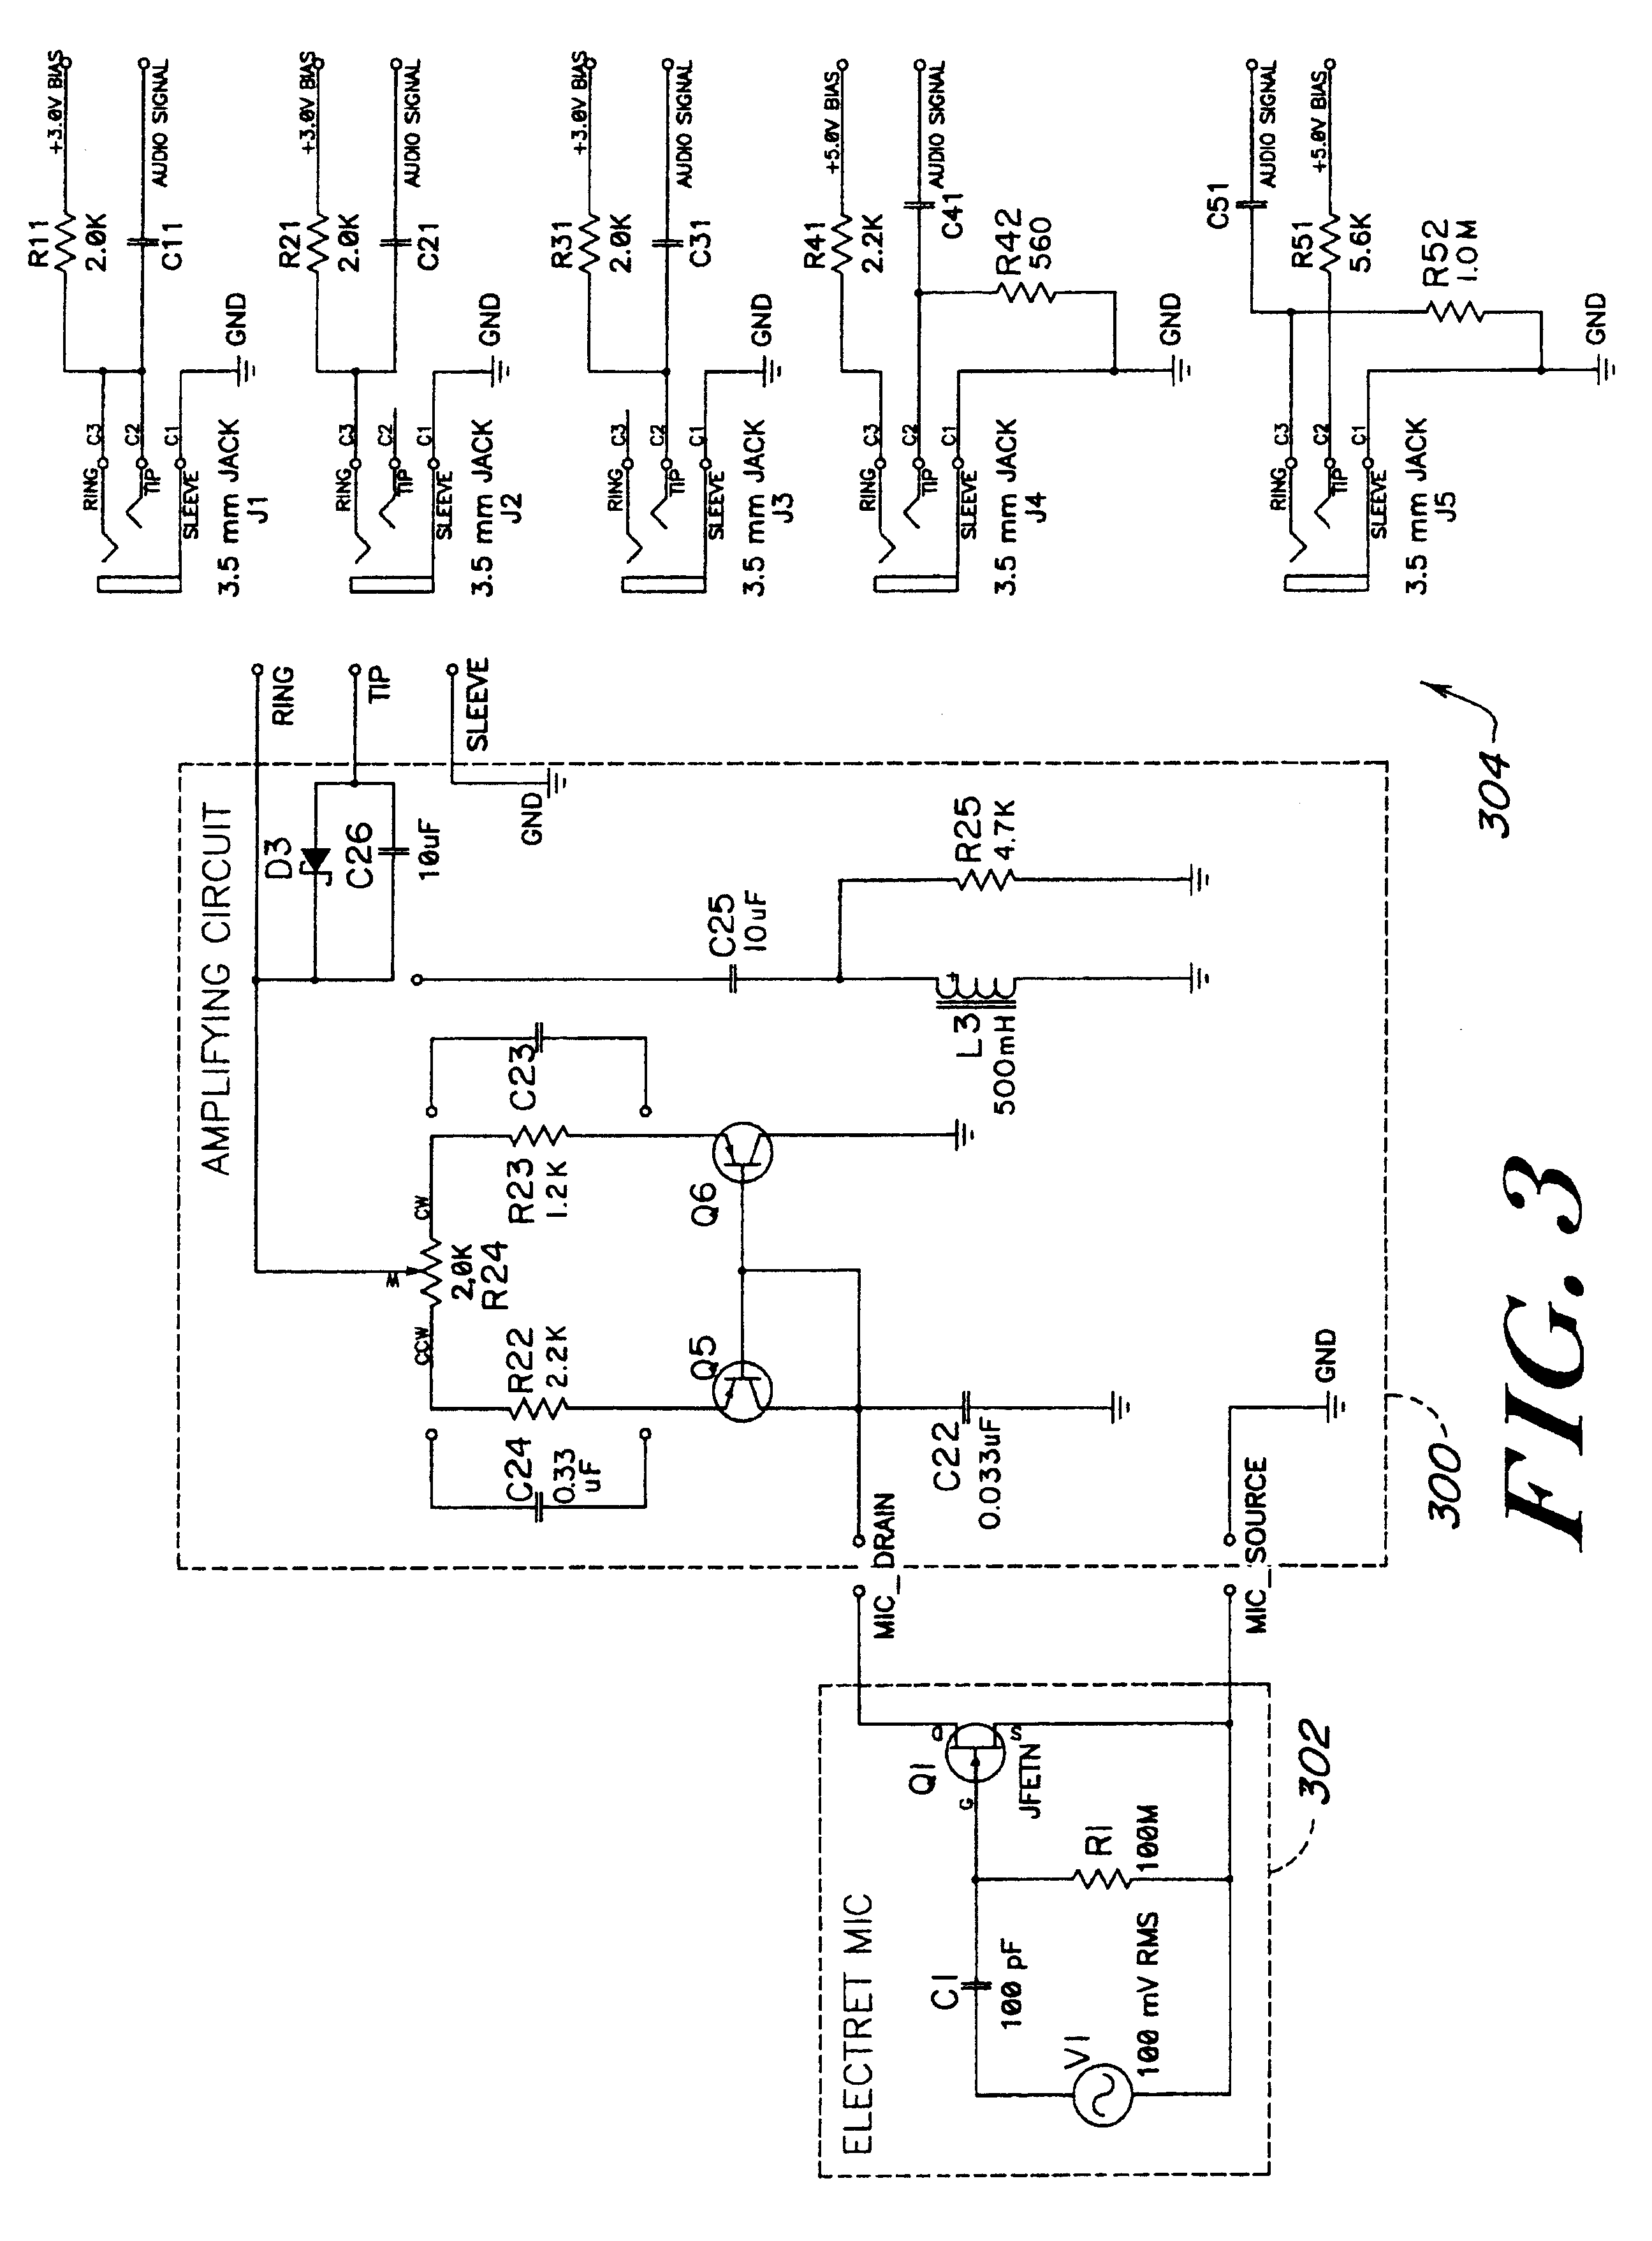 patent us6504937